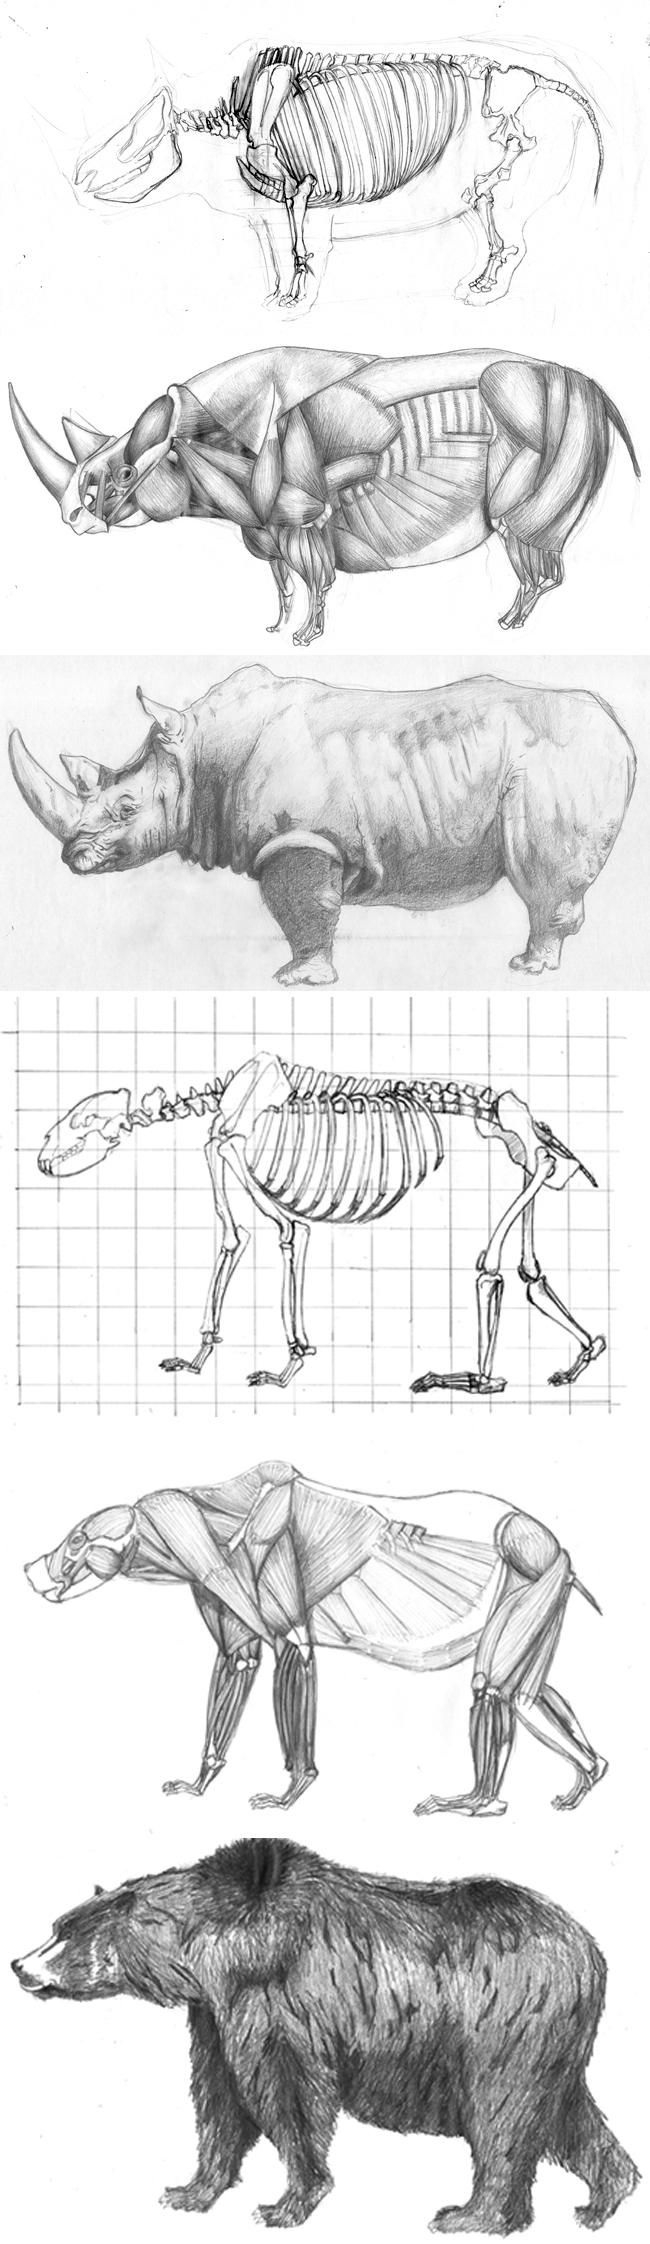 curso-dibujo-anatomia-animal